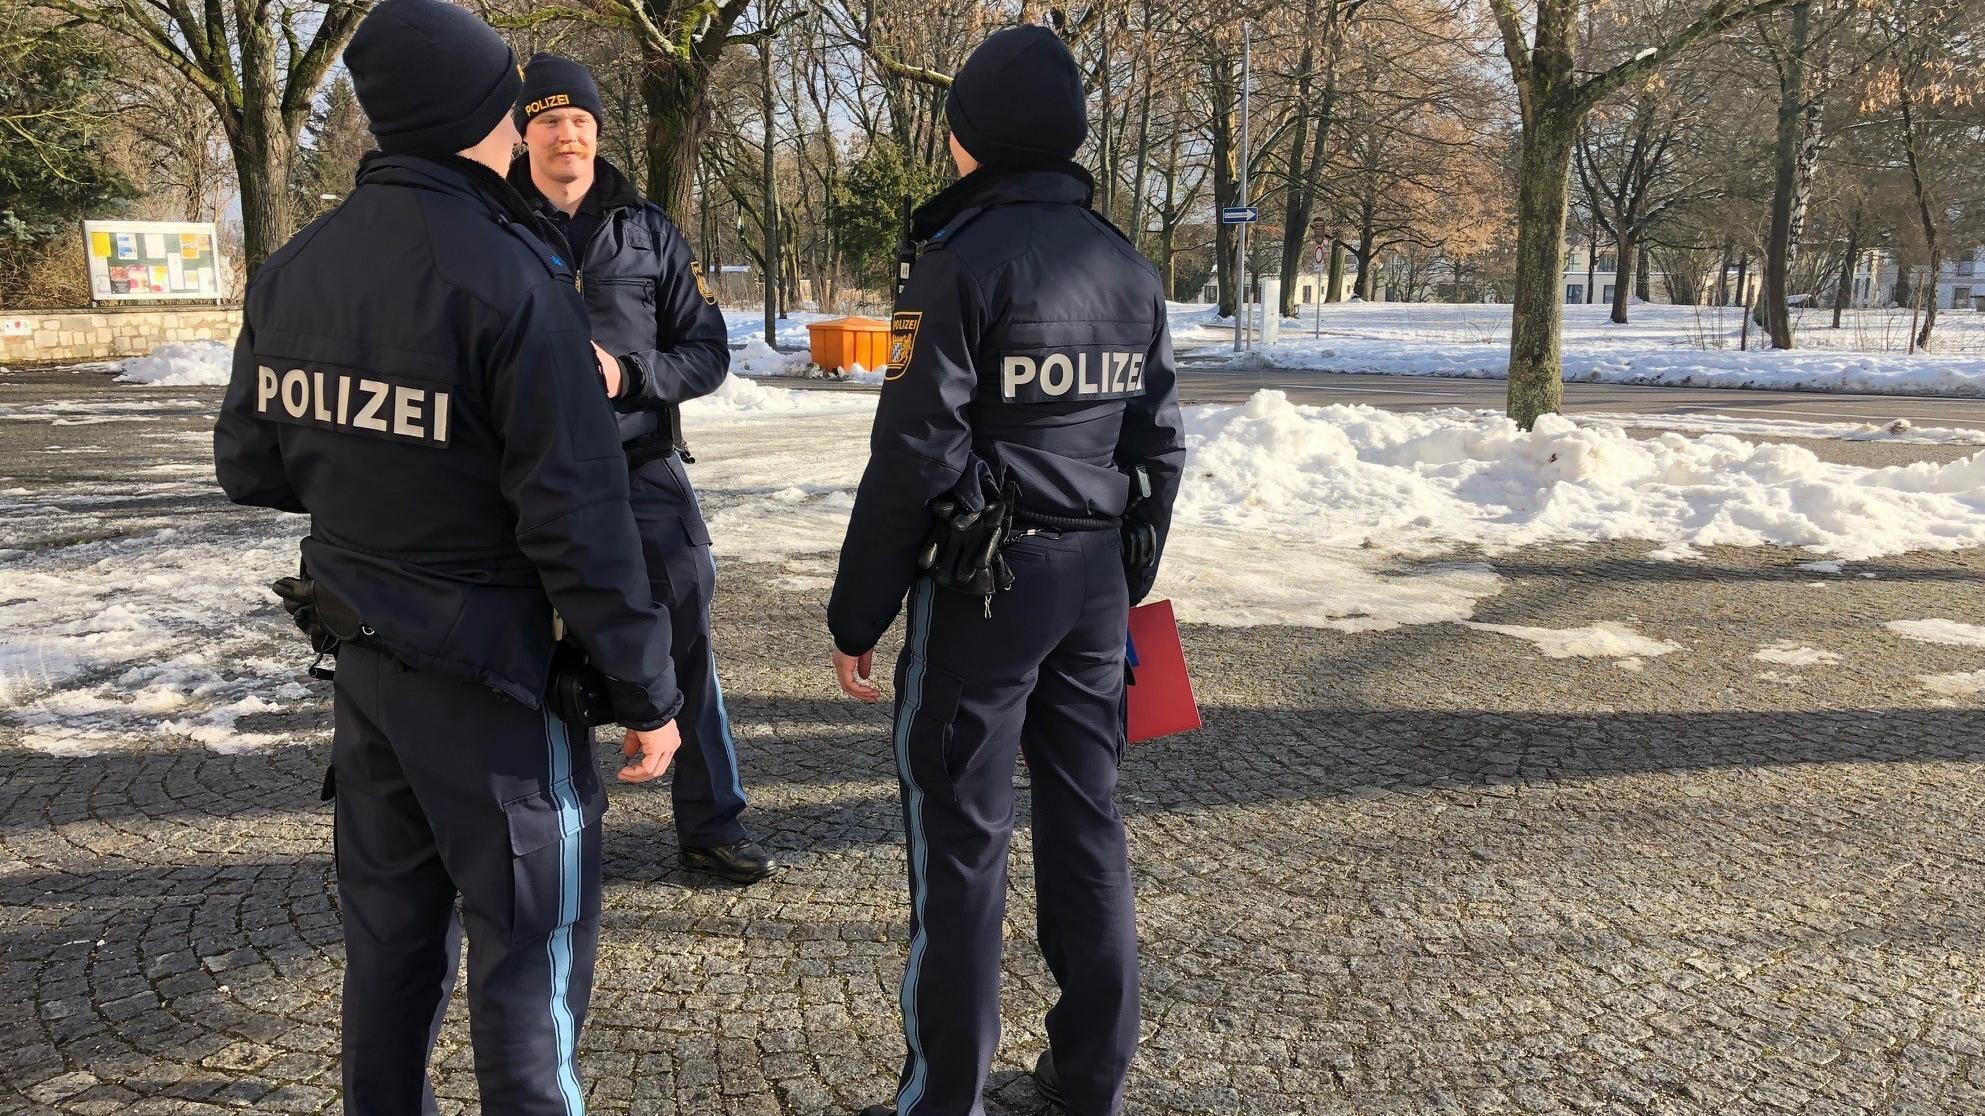 Beamte der Polizei sind mit Bildern aus einem Video unterwegs, um Anwohner zu befragen